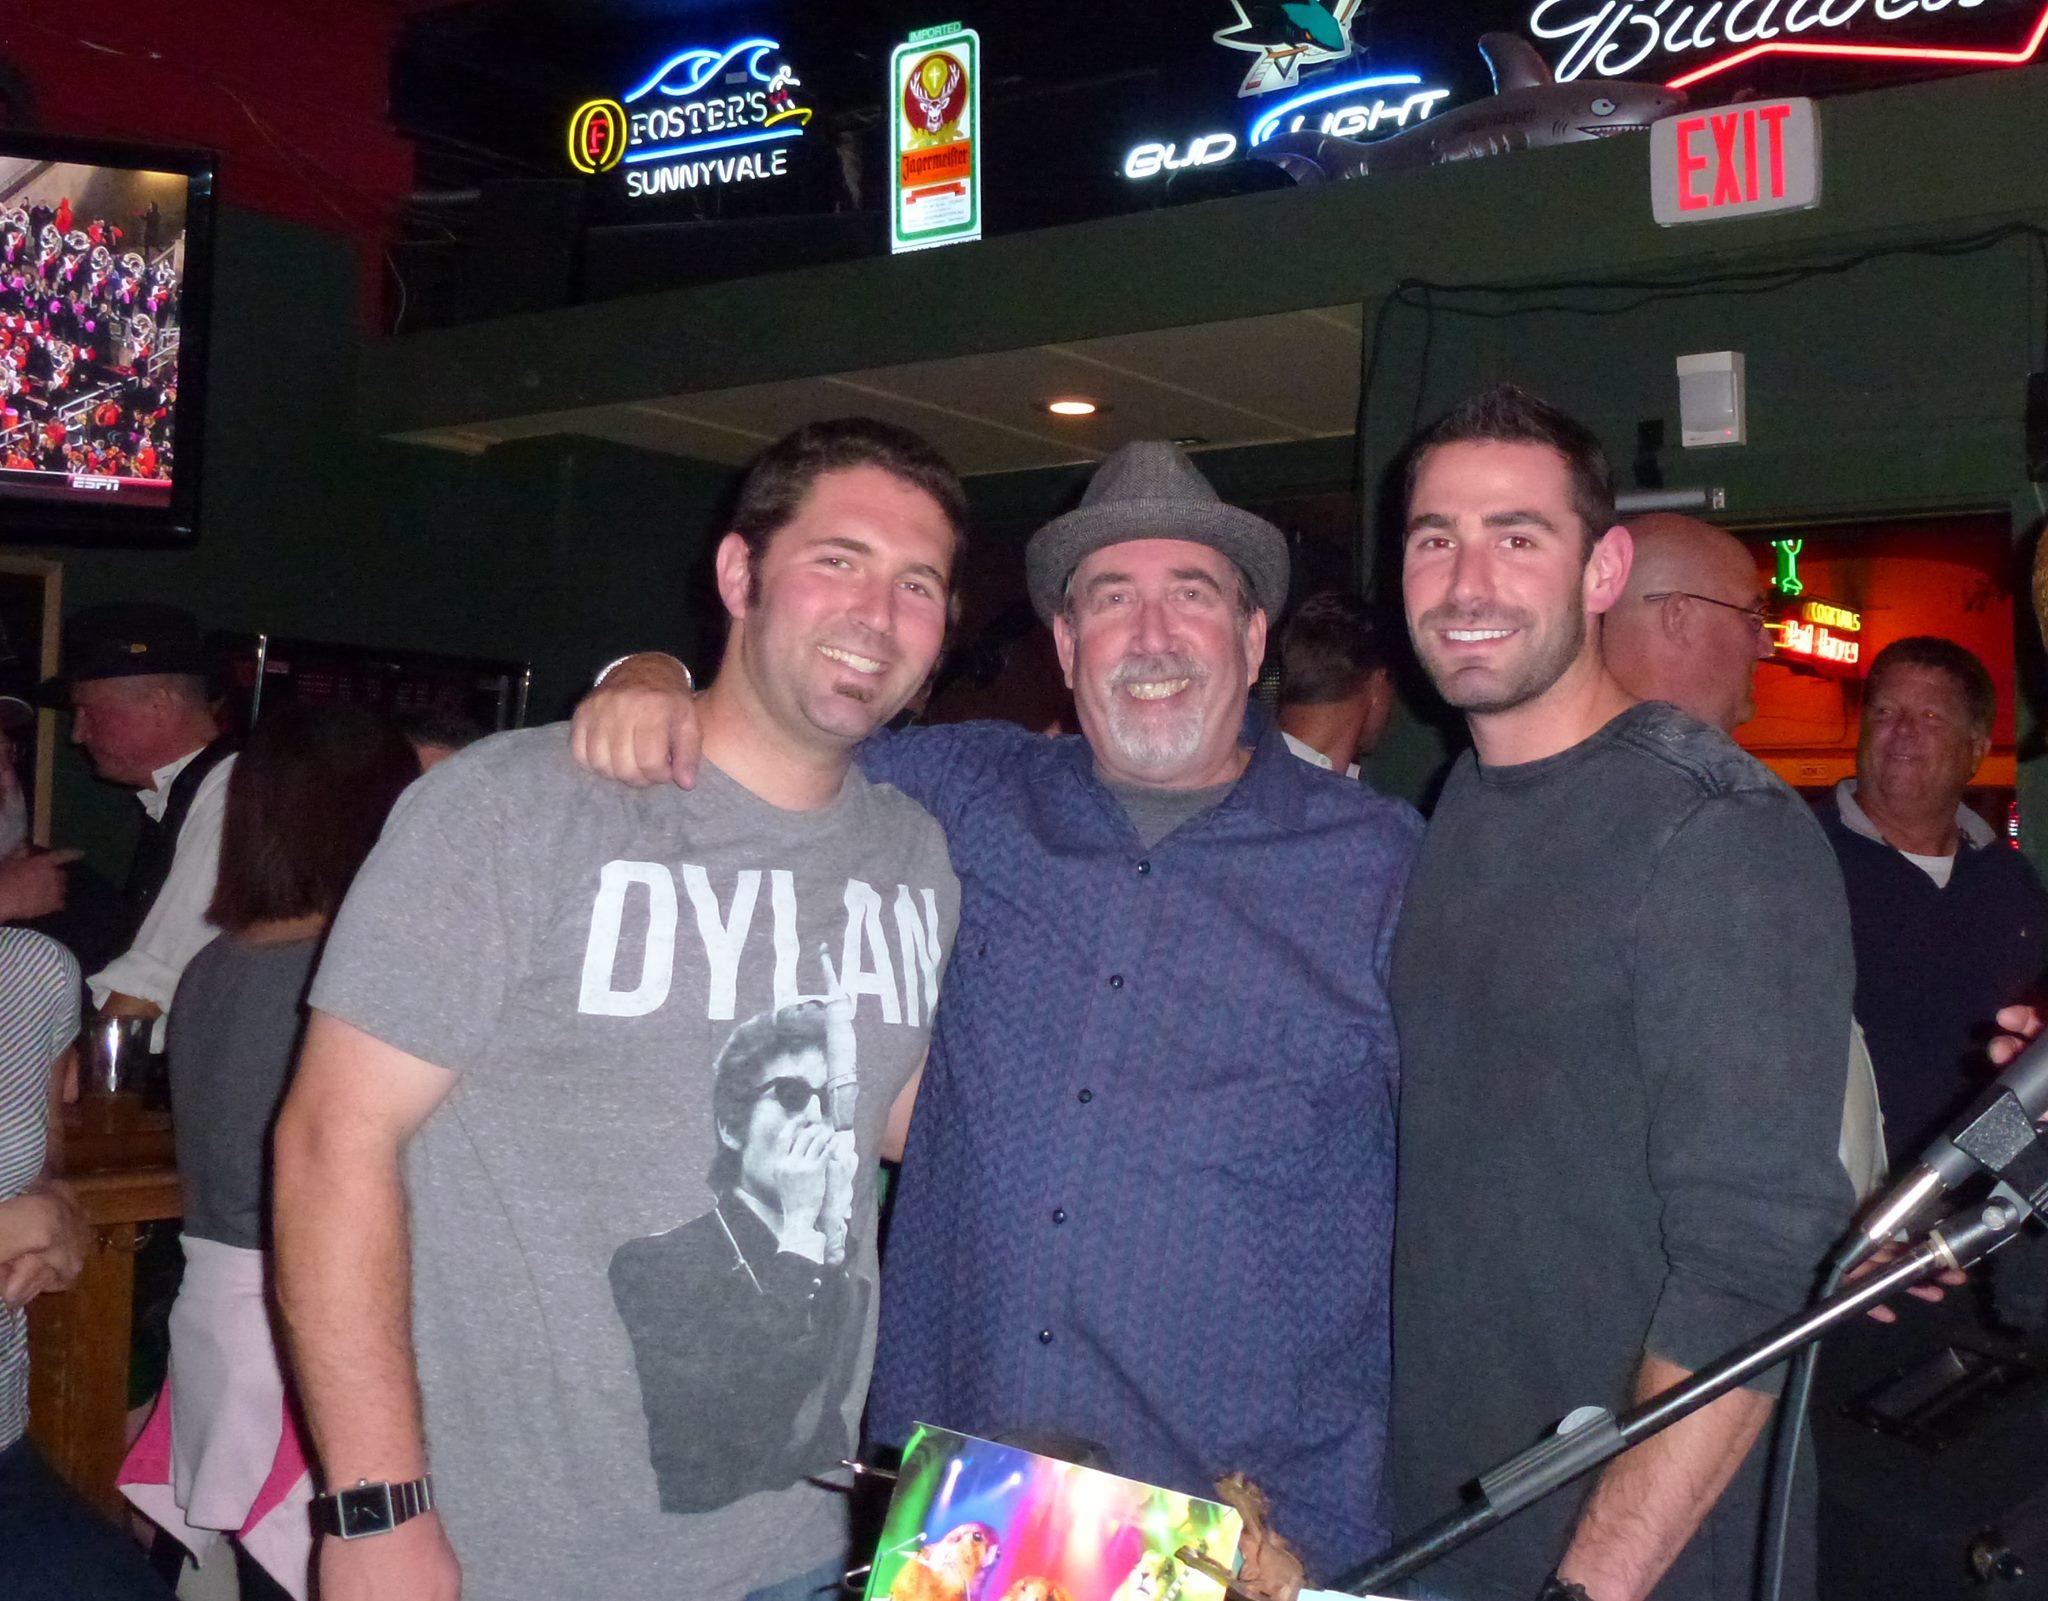 Fenny w sons Brad & Bryan